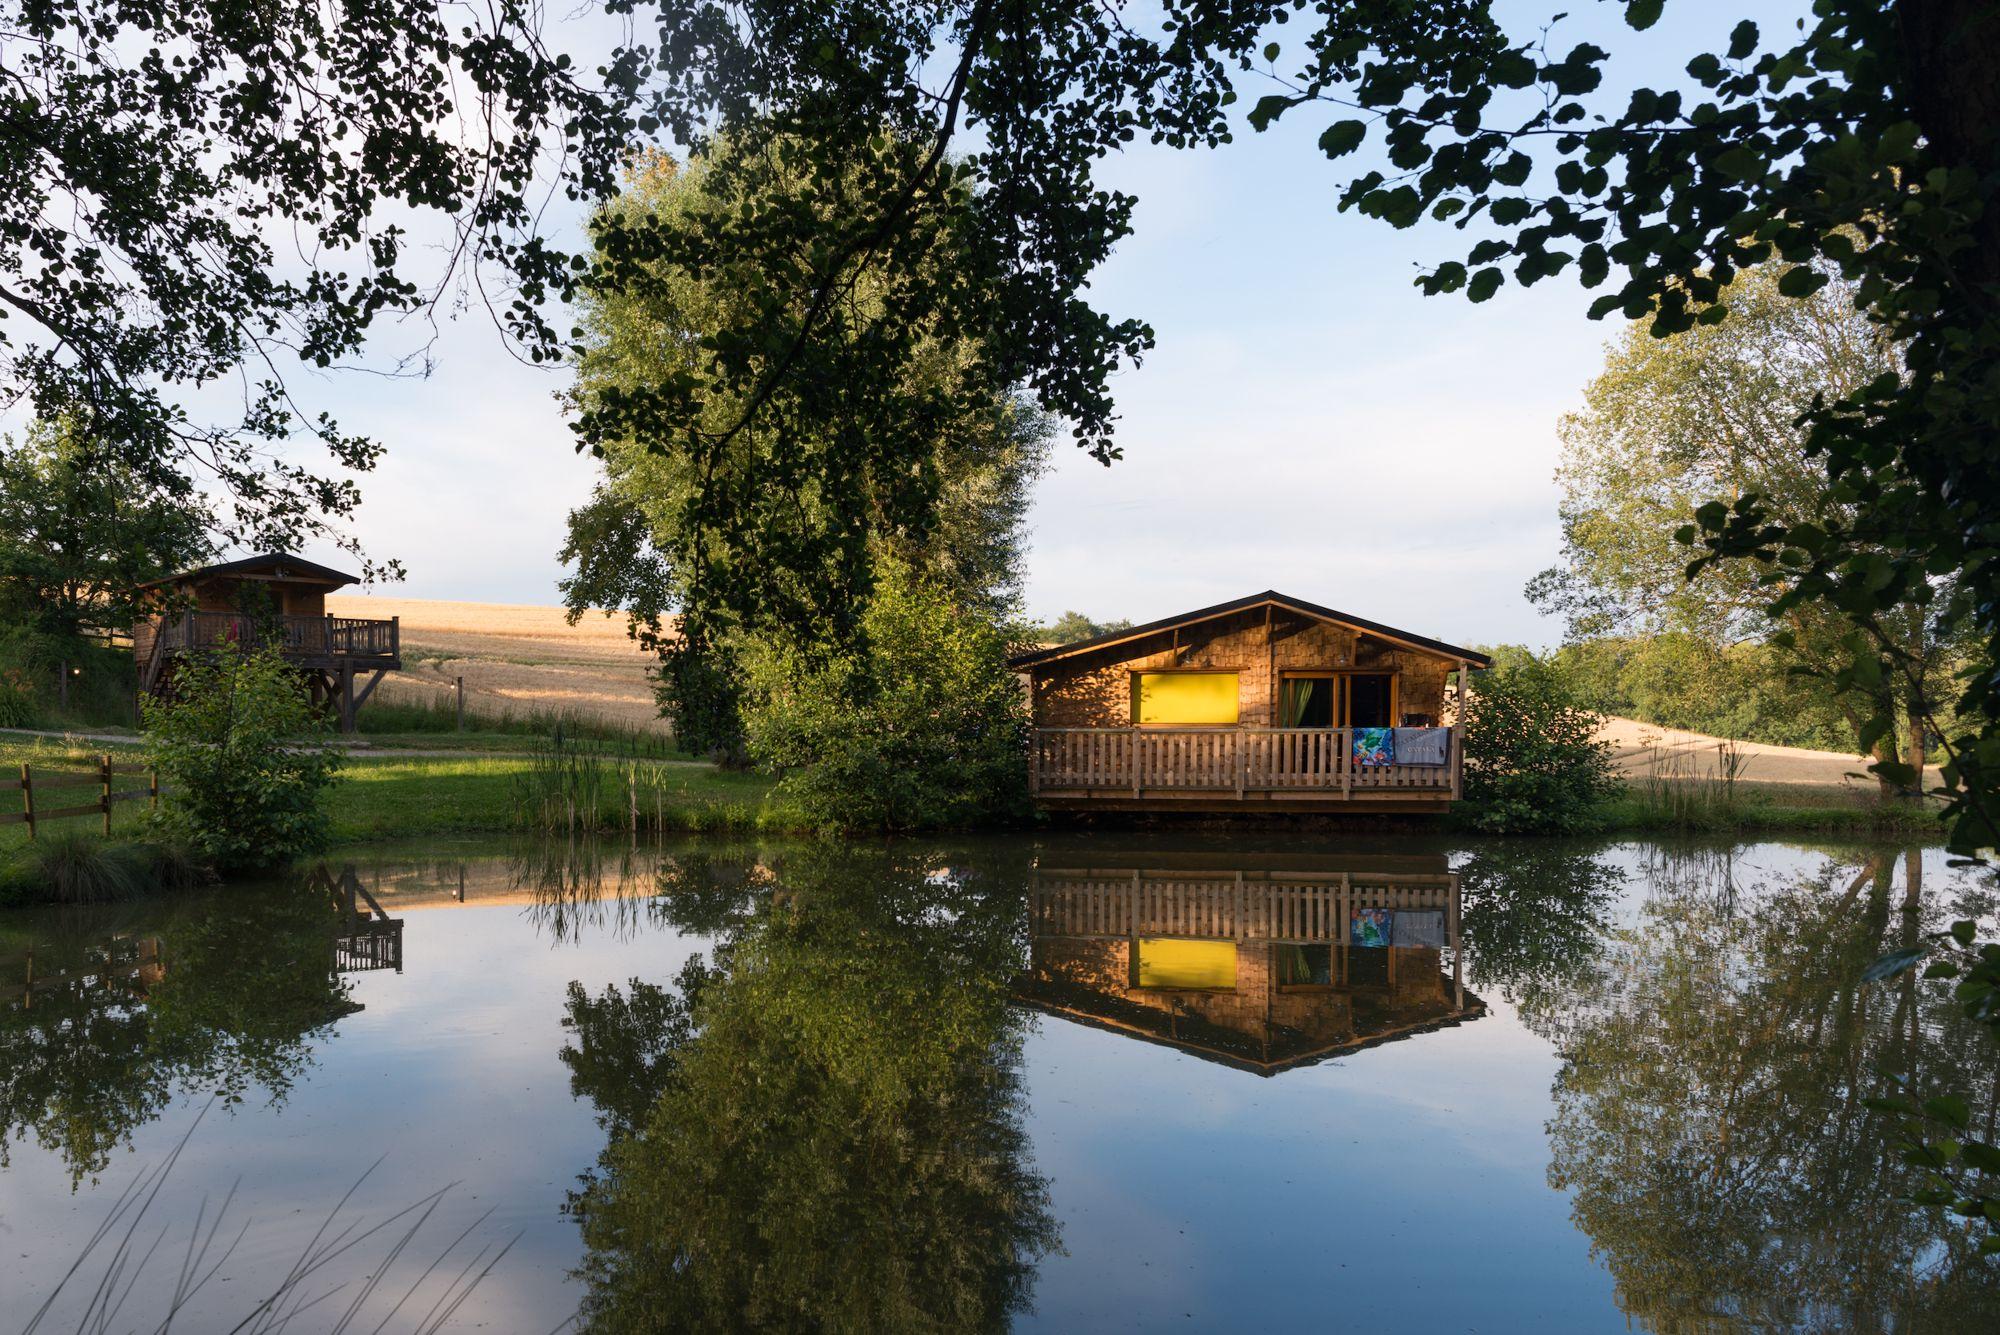 Camping Etangs du Moulin